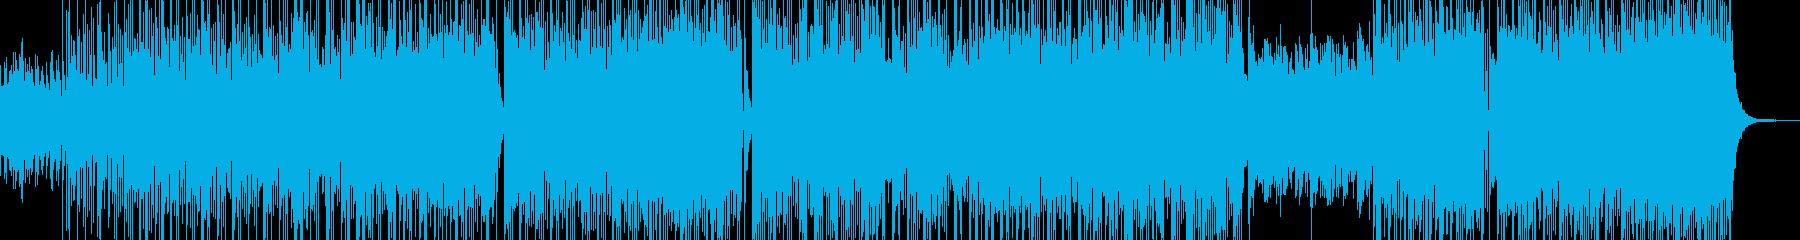 異国の旅・バグパイプポップ Cの再生済みの波形